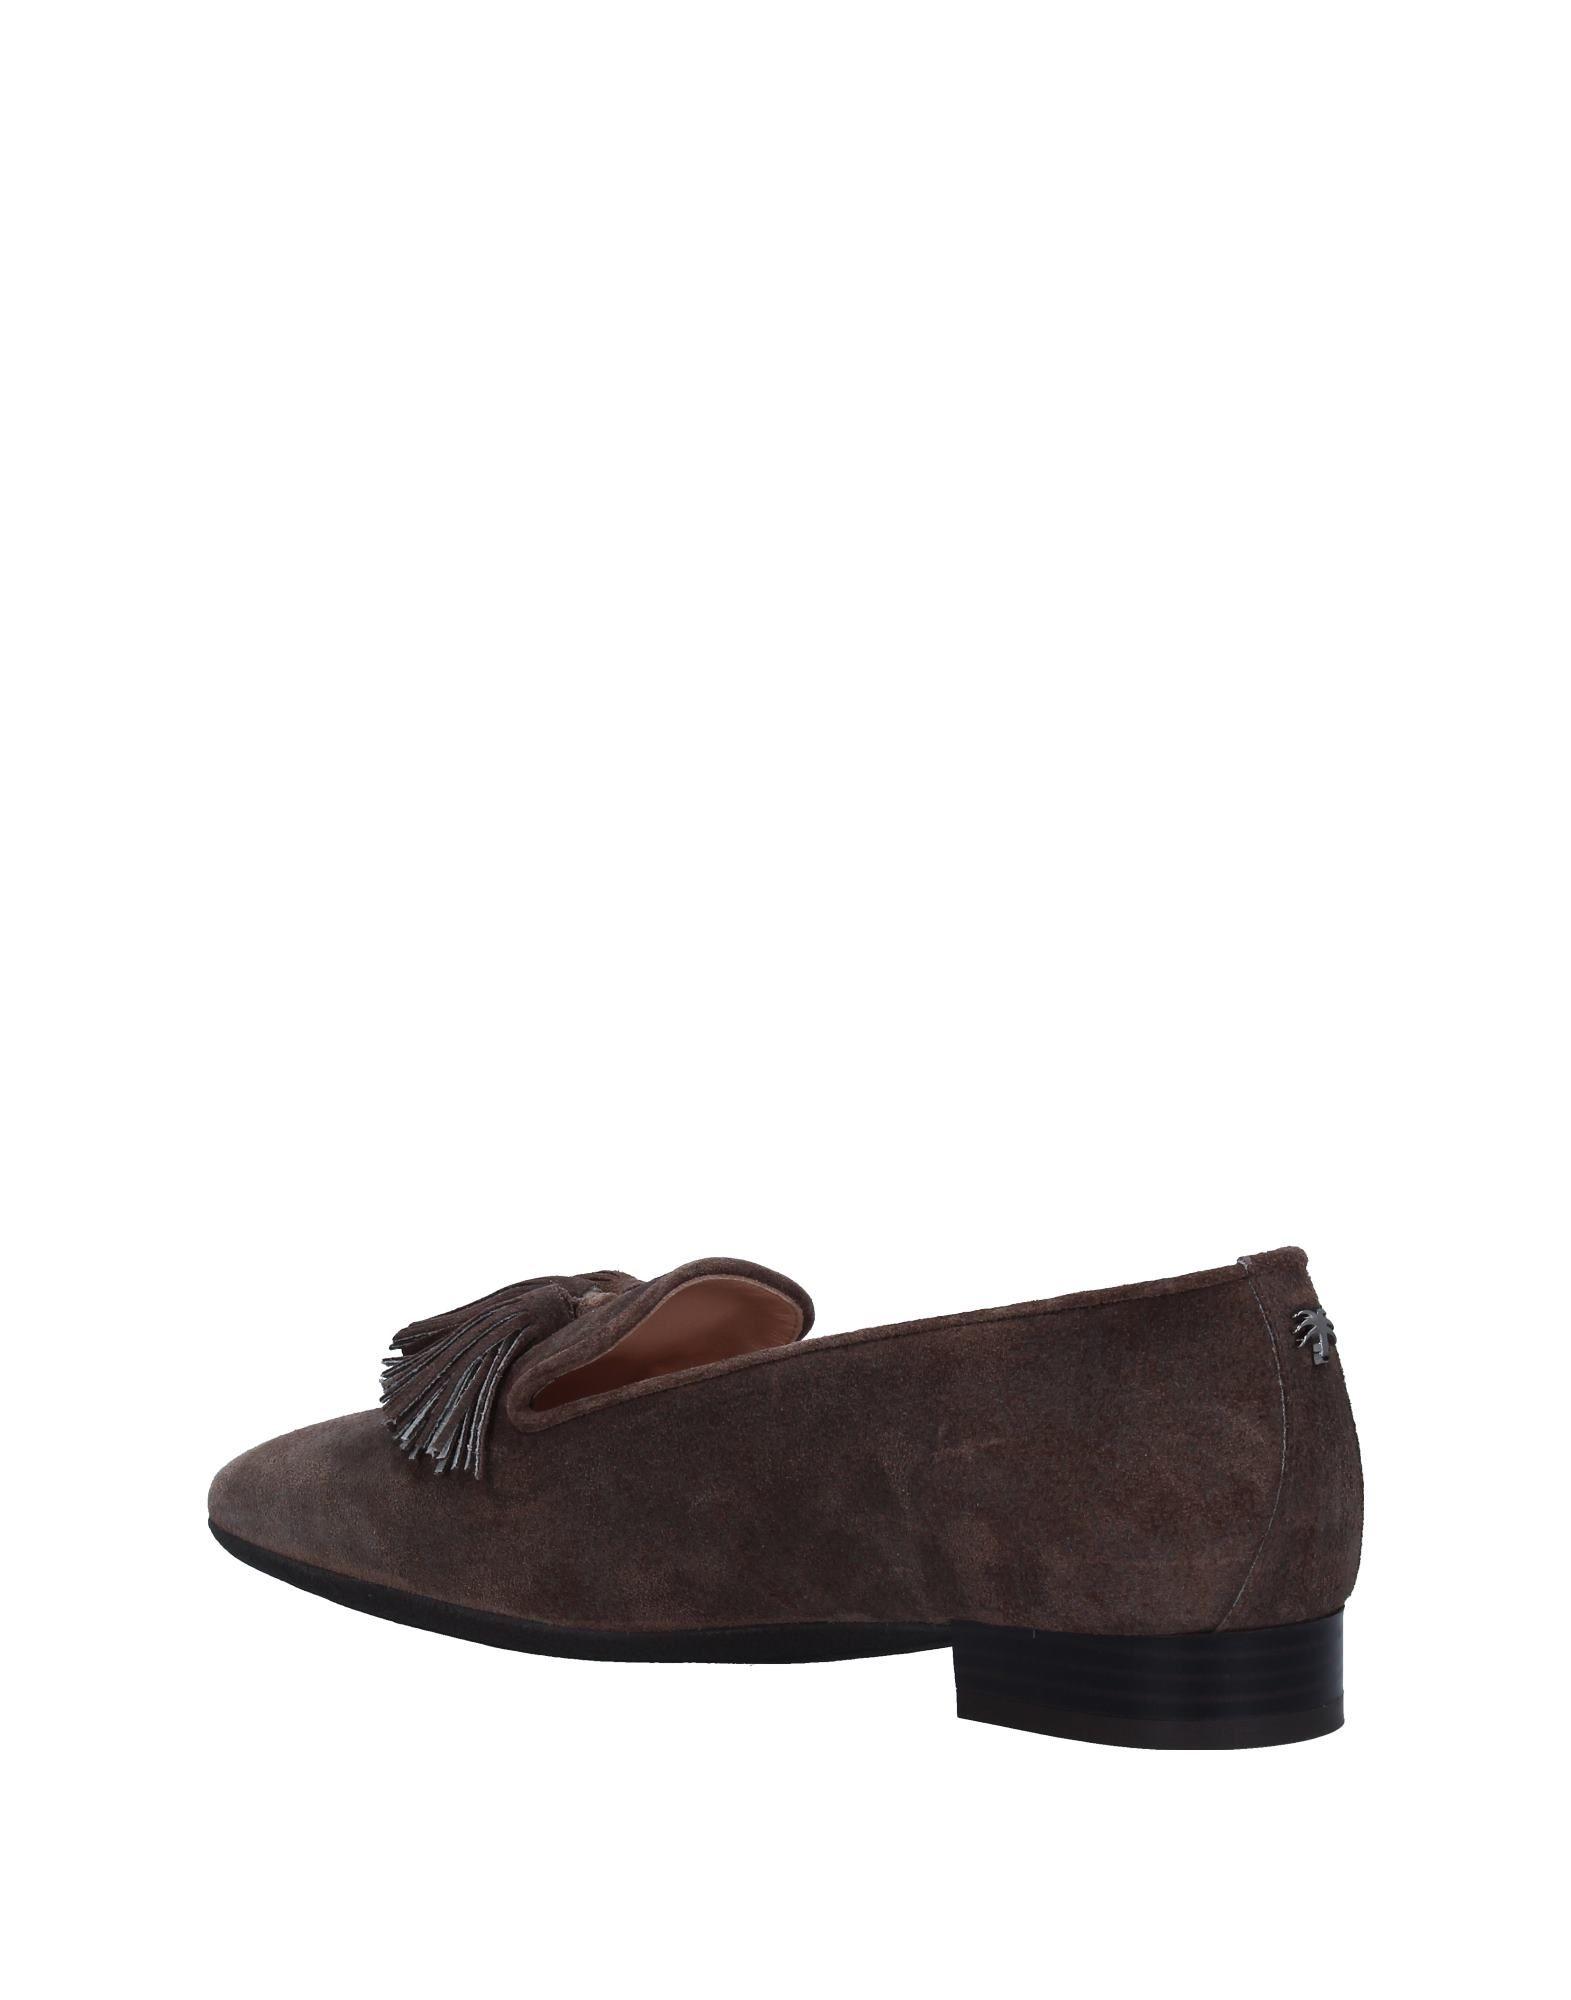 Voltan 11319304VQ Mokassins Damen  11319304VQ Voltan Gute Qualität beliebte Schuhe 0ff77d